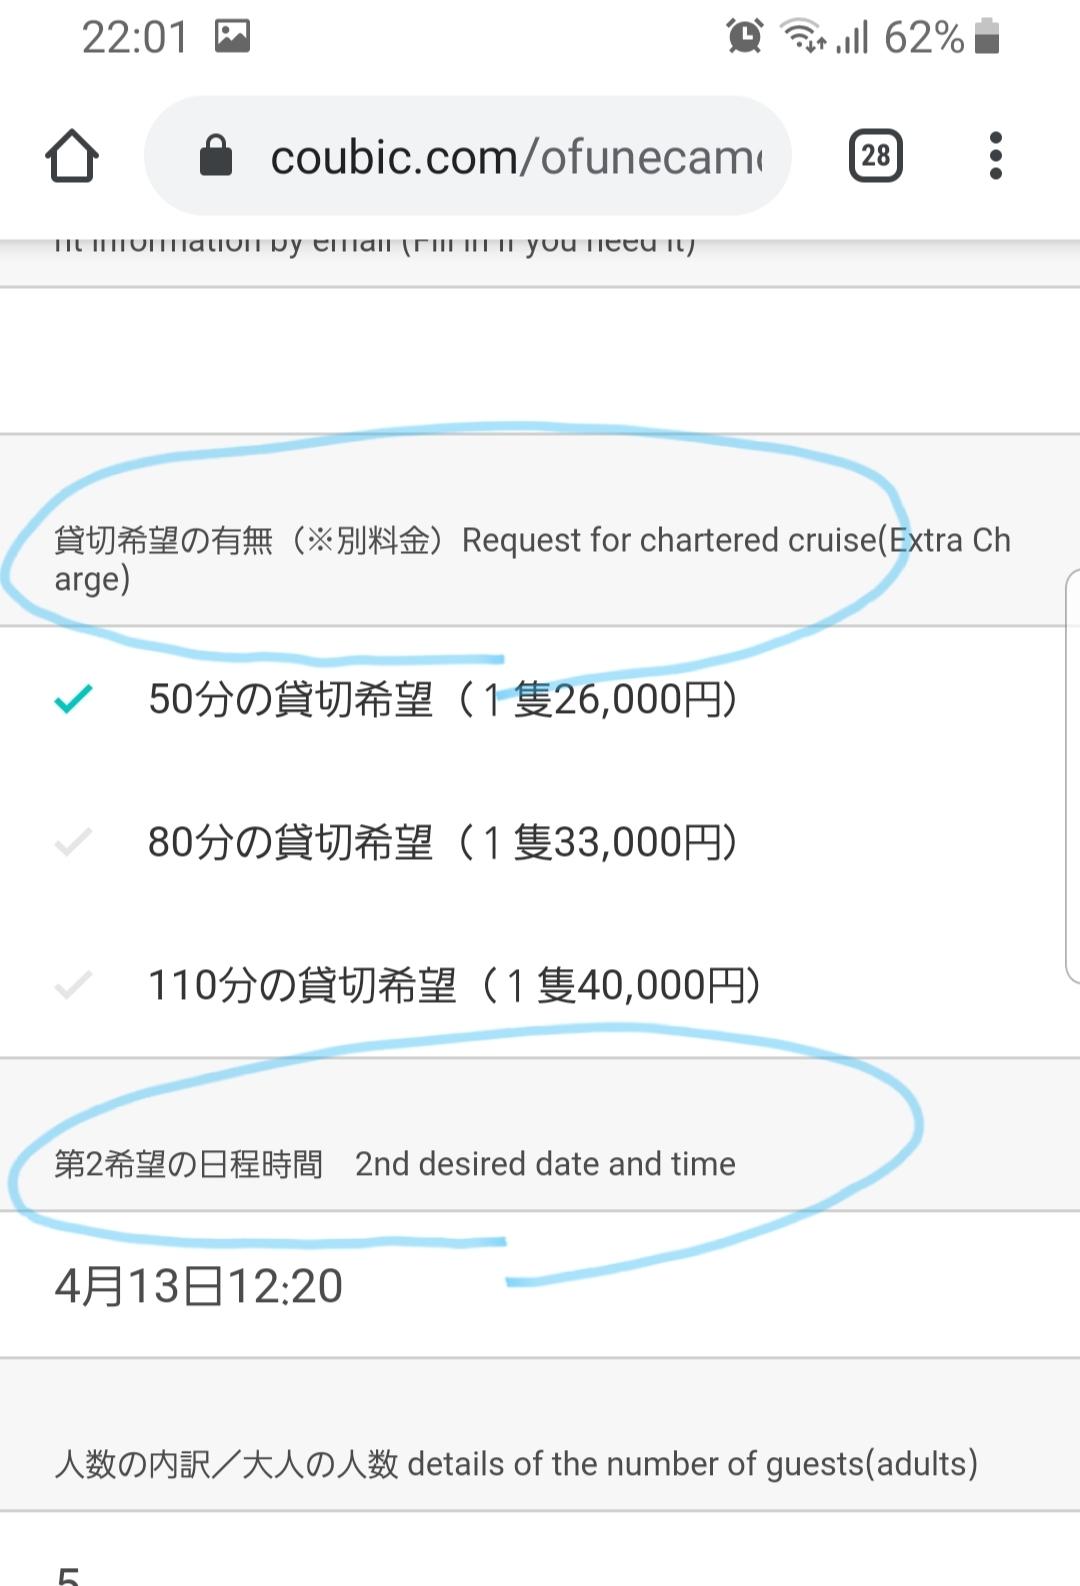 2020年版/桜貸切クルーズのご予約方法について_a0137142_22033228.jpg